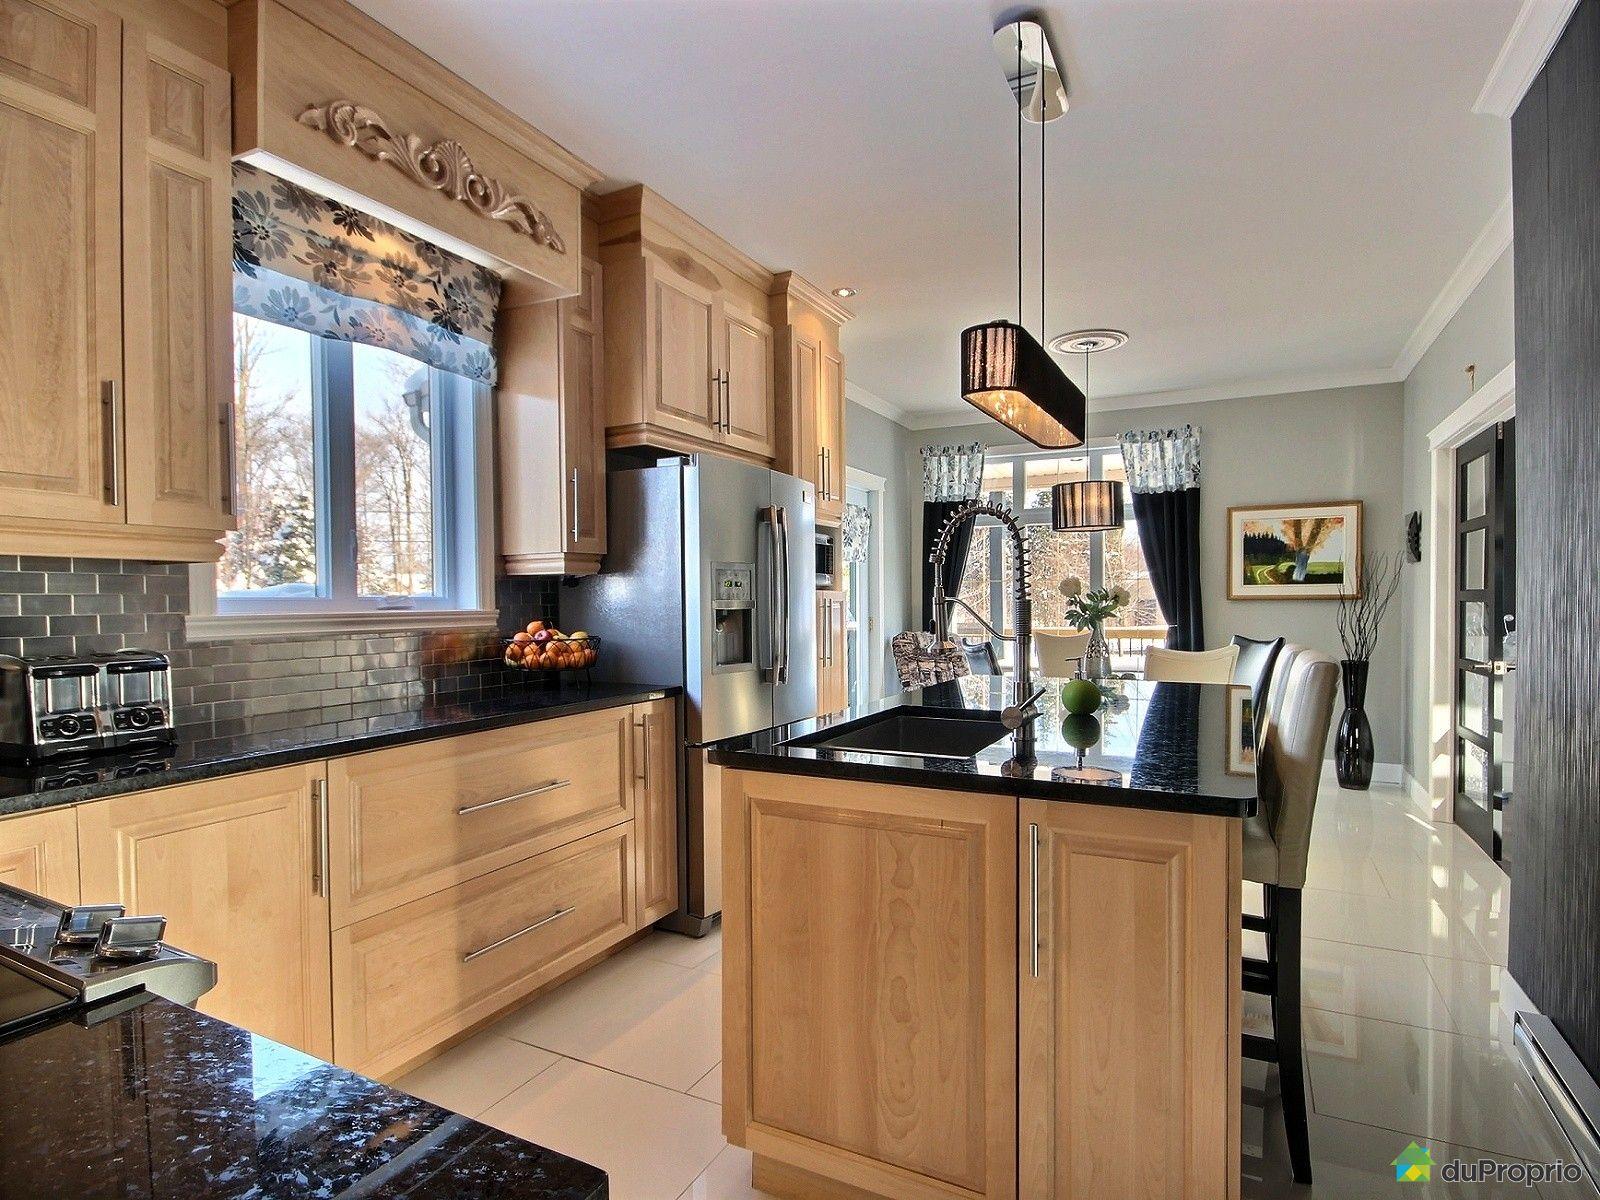 maison vendre shannon 34 rue des cerisiers immobilier qu bec duproprio 574089. Black Bedroom Furniture Sets. Home Design Ideas